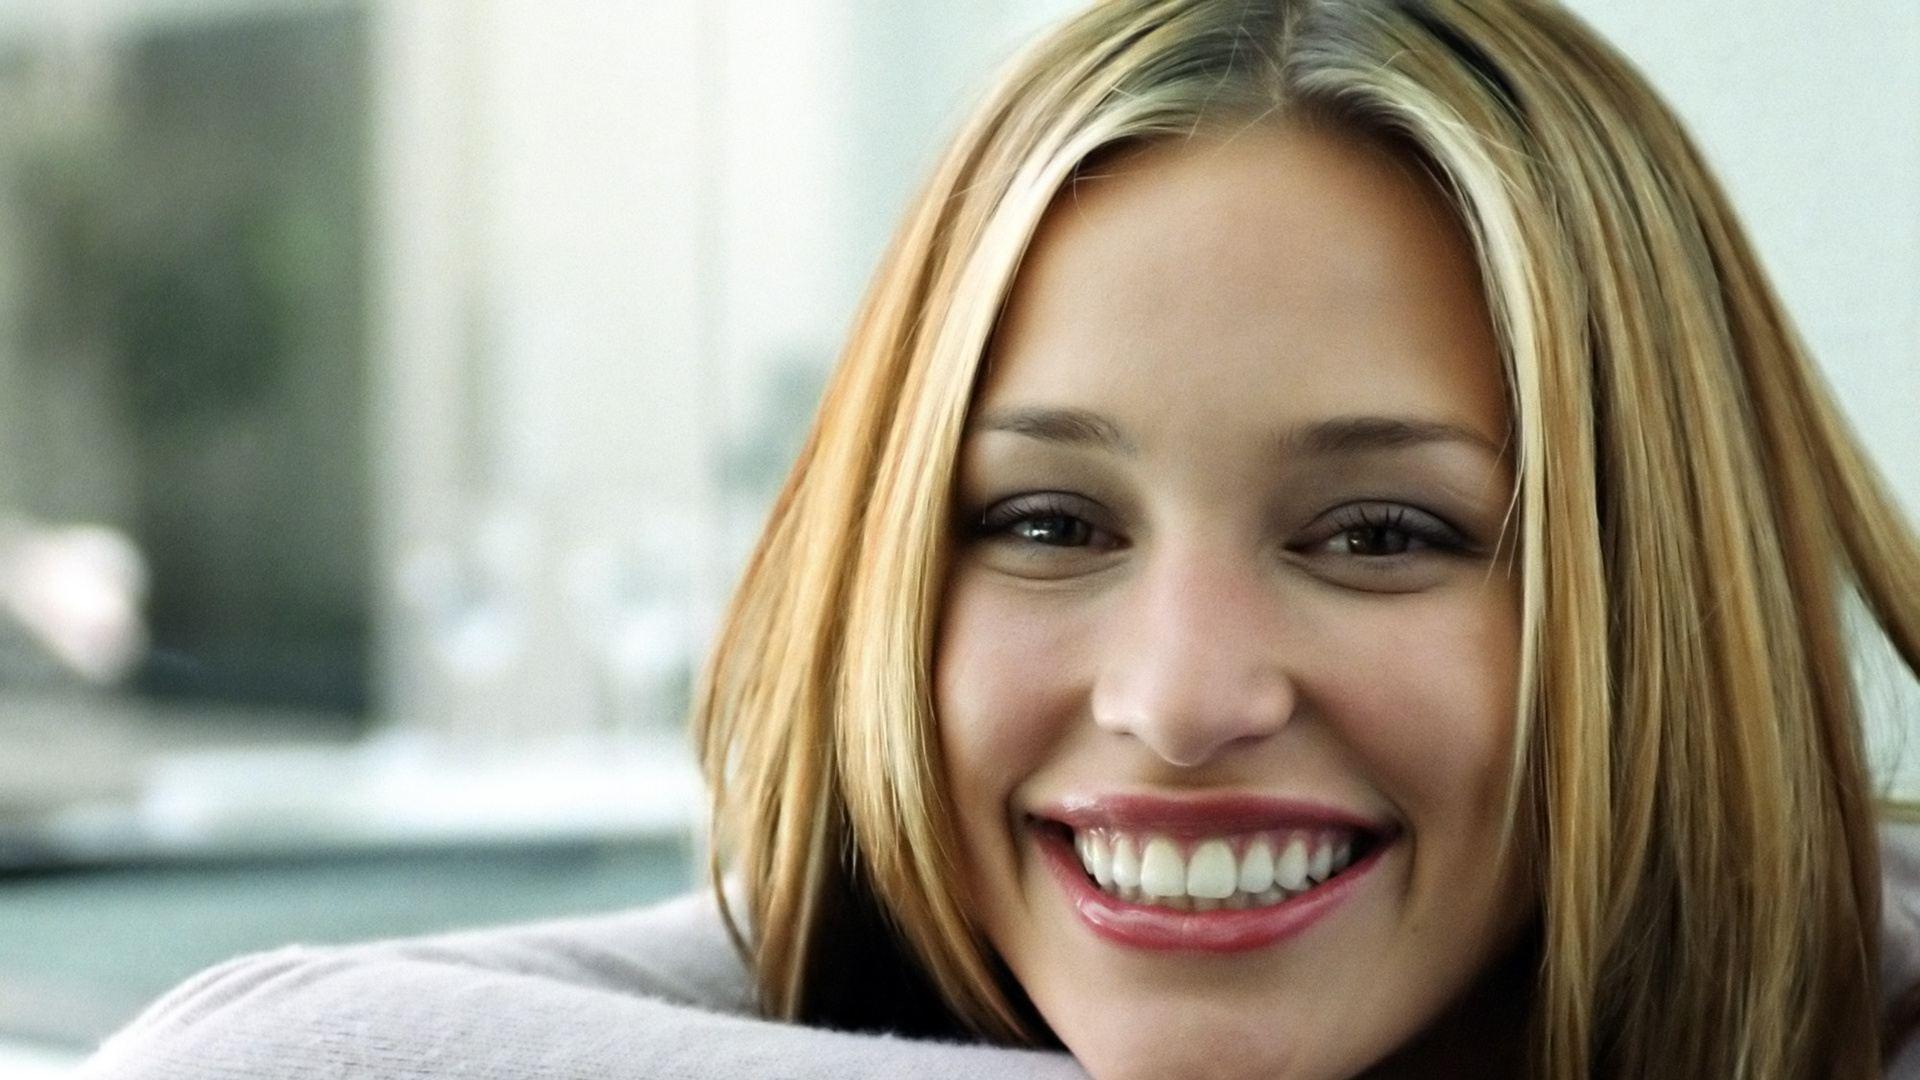 piper perabo smile wallpaper 66996